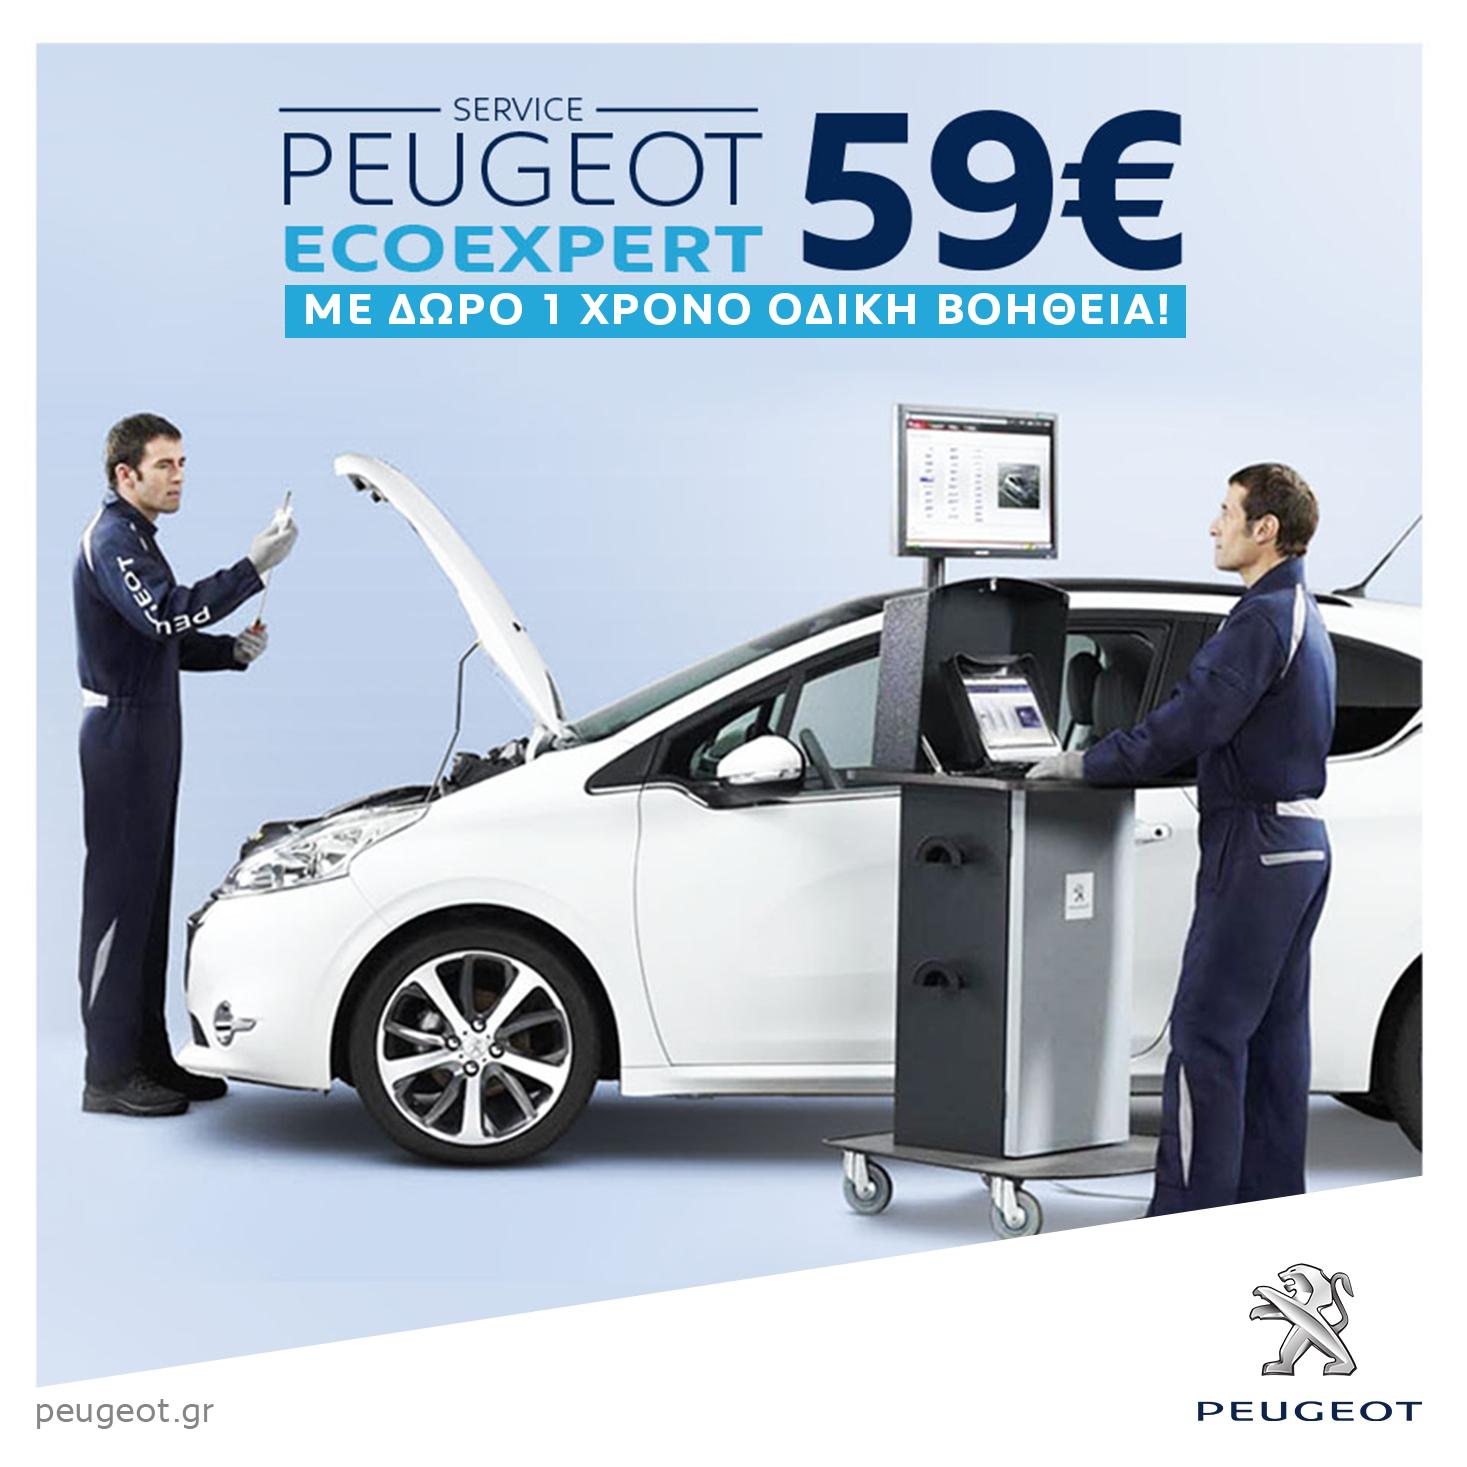 Πρόγραμμα συντήρησης Peugeot ECOEXPERT! Η Peugeot προσφέρει στους πελάτες της το μοναδικό πρόγραμμα συντήρησης χαμηλού κόστους, το οποίο απευθύνεται σε όλους τους κατόχους αυτοκινήτων Peugeot 5ετίας και άνω. Μέσω του επίσημου δικτύου Εξουσιοδοτημένων Επισκευαστών της Peugeot, οι κάτοχοι οχημάτων Peugeot πενταετίας και άνω μπορούν να πραγματοποιήσουν ένα γρήγορο αλλά πολύ περιεκτικό Service με 59 ευρώ (τελική τιμή με ανταλλακτικά, εργασία και ΦΠΑ) στο οποίο προσφέρονται: • αντικατάσταση Λιπαντικού (10W40) • φίλτρο λαδιού • τεχνικός έλεγχος ασφάλειας 15 σημείων Ο έλεγχος περιλαμβάνει ηλεκτρονικό έλεγχο βλαβών, ελαστικά, φρένα, φώτα, καθαριστήρες, εξάτμιση, ανάρτηση, αμάξωμα, μπαταρία, ψύξη, έλεγχο της στάθμης όλων των υγρών και δωρεάν τεχνική αναβάθμιση (αν χρειάζεται). Τέλος, για όλους τους χρήστες του προγράμματος ECOEXPERT, η Peugeot προσφέρει εντελώς δωρεάν οδική βοήθεια για ένα έτος. Τώρα με το ECOEXPERT οι κάτοχοι Peugeot 5ετίας και άνω έχουν την ιδανική ευκαιρία να προσφέρουν την καλύτερη φροντίδα στο όχημά τους με την αξιοπιστία και την ασφάλεια που τους παρέχει το επίσημο δίκτυο της Peugeot.